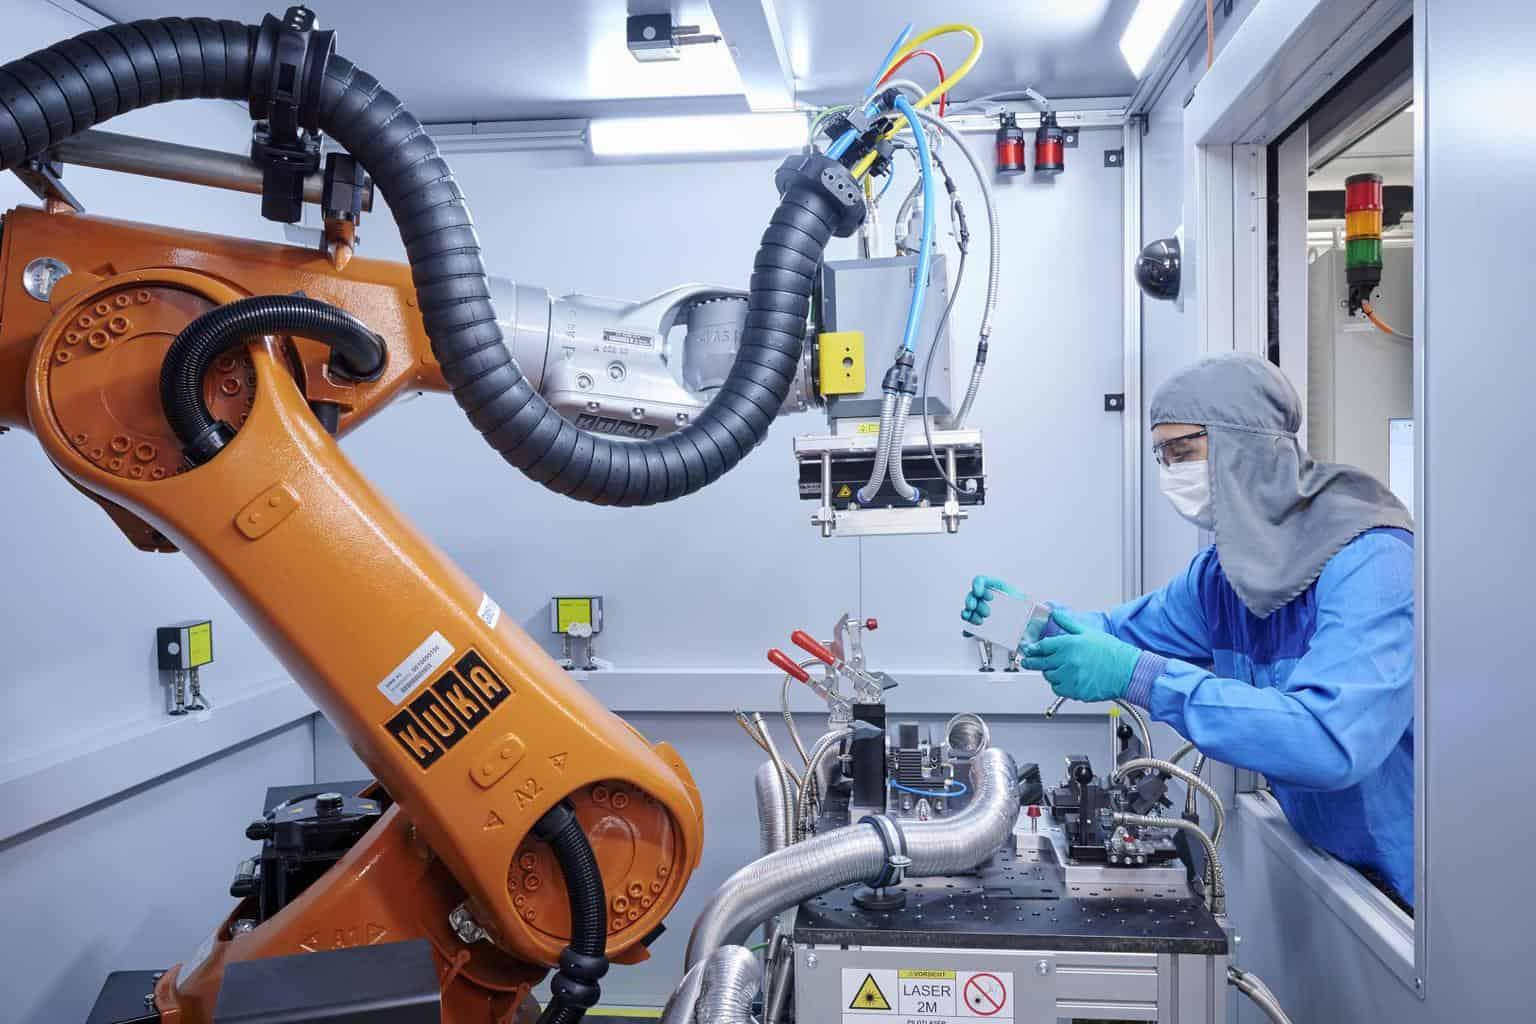 BMW sieht die Batteriezelle ganzheitlich, nachhaltig und effizient